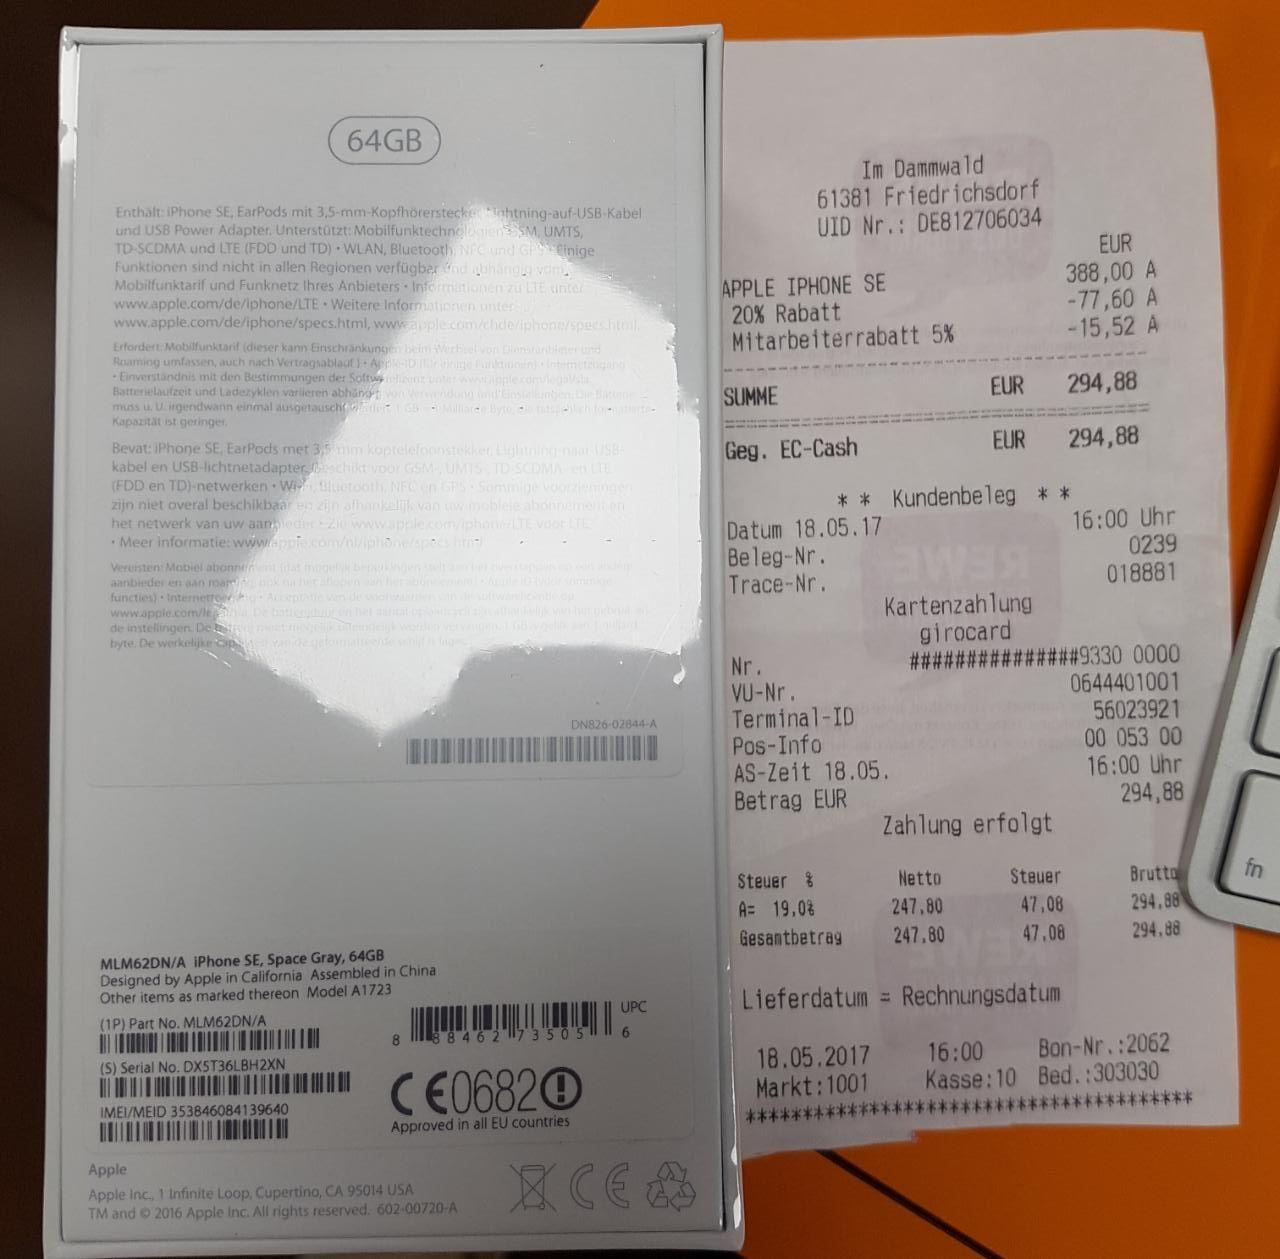 [Lokal] Friedrichsdorf Rewe Center iPhone SE 64GB Space Grau für 310,4€ oder (294,88€)